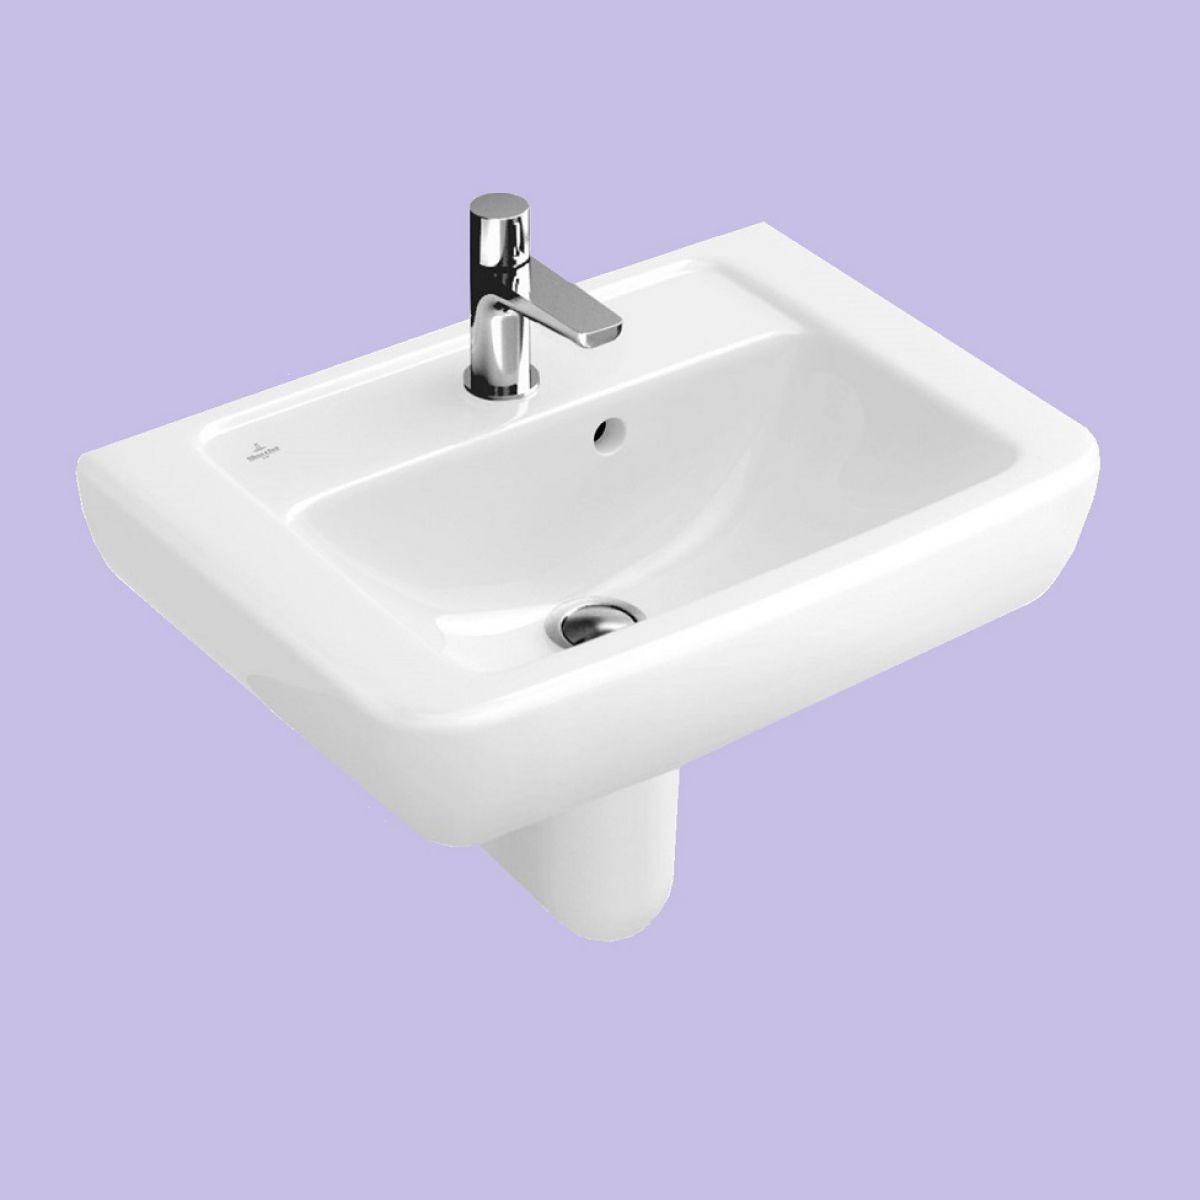 villeroy and boch subway cloakroom basin uk bathrooms. Black Bedroom Furniture Sets. Home Design Ideas